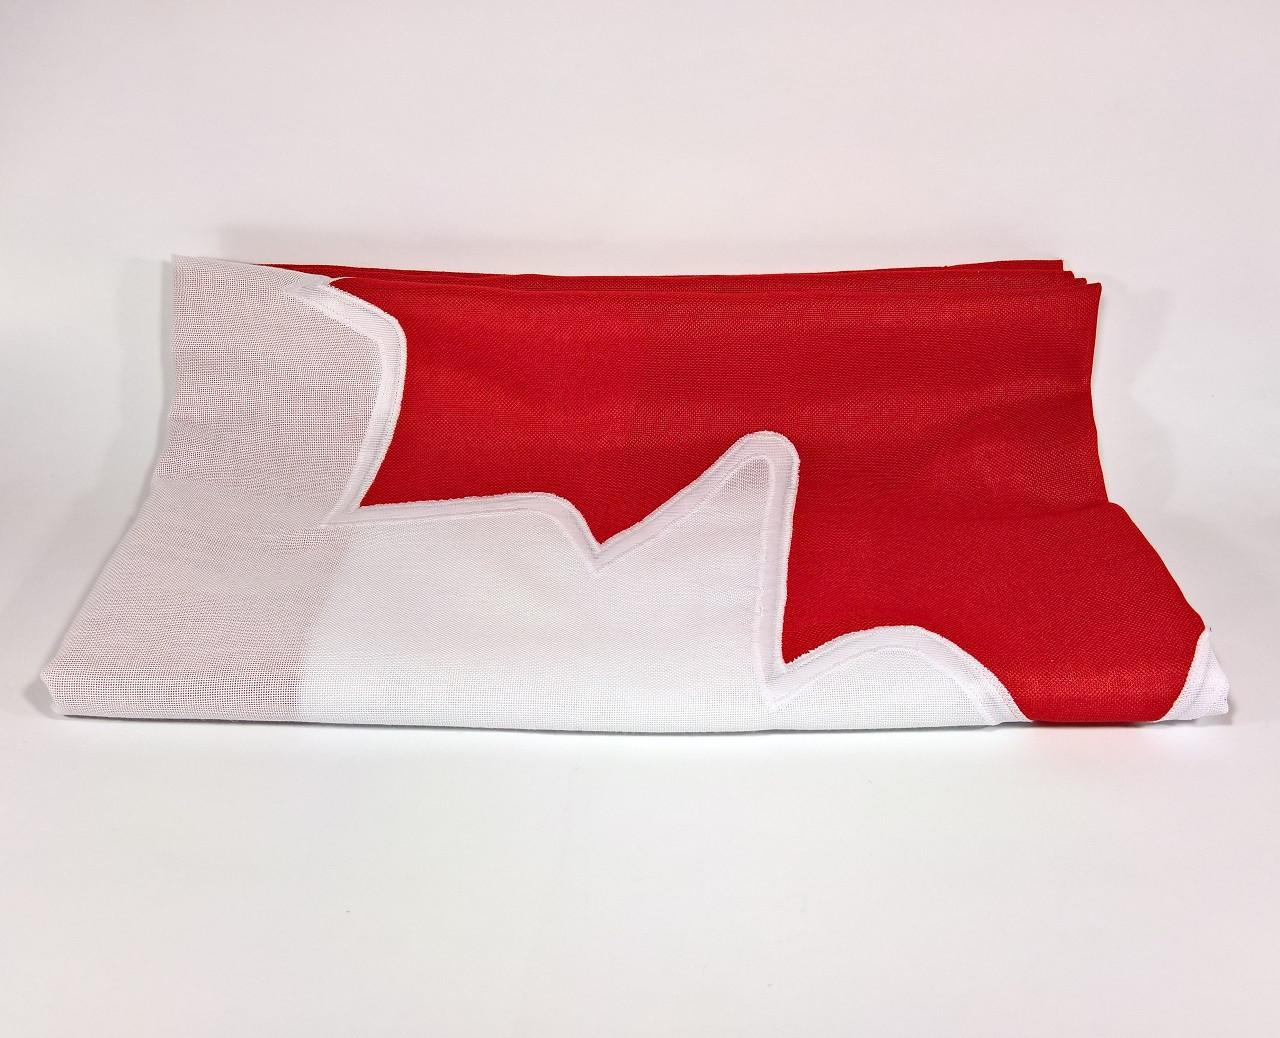 Флаг Канады (Аппликация) - (1м*1.5м)